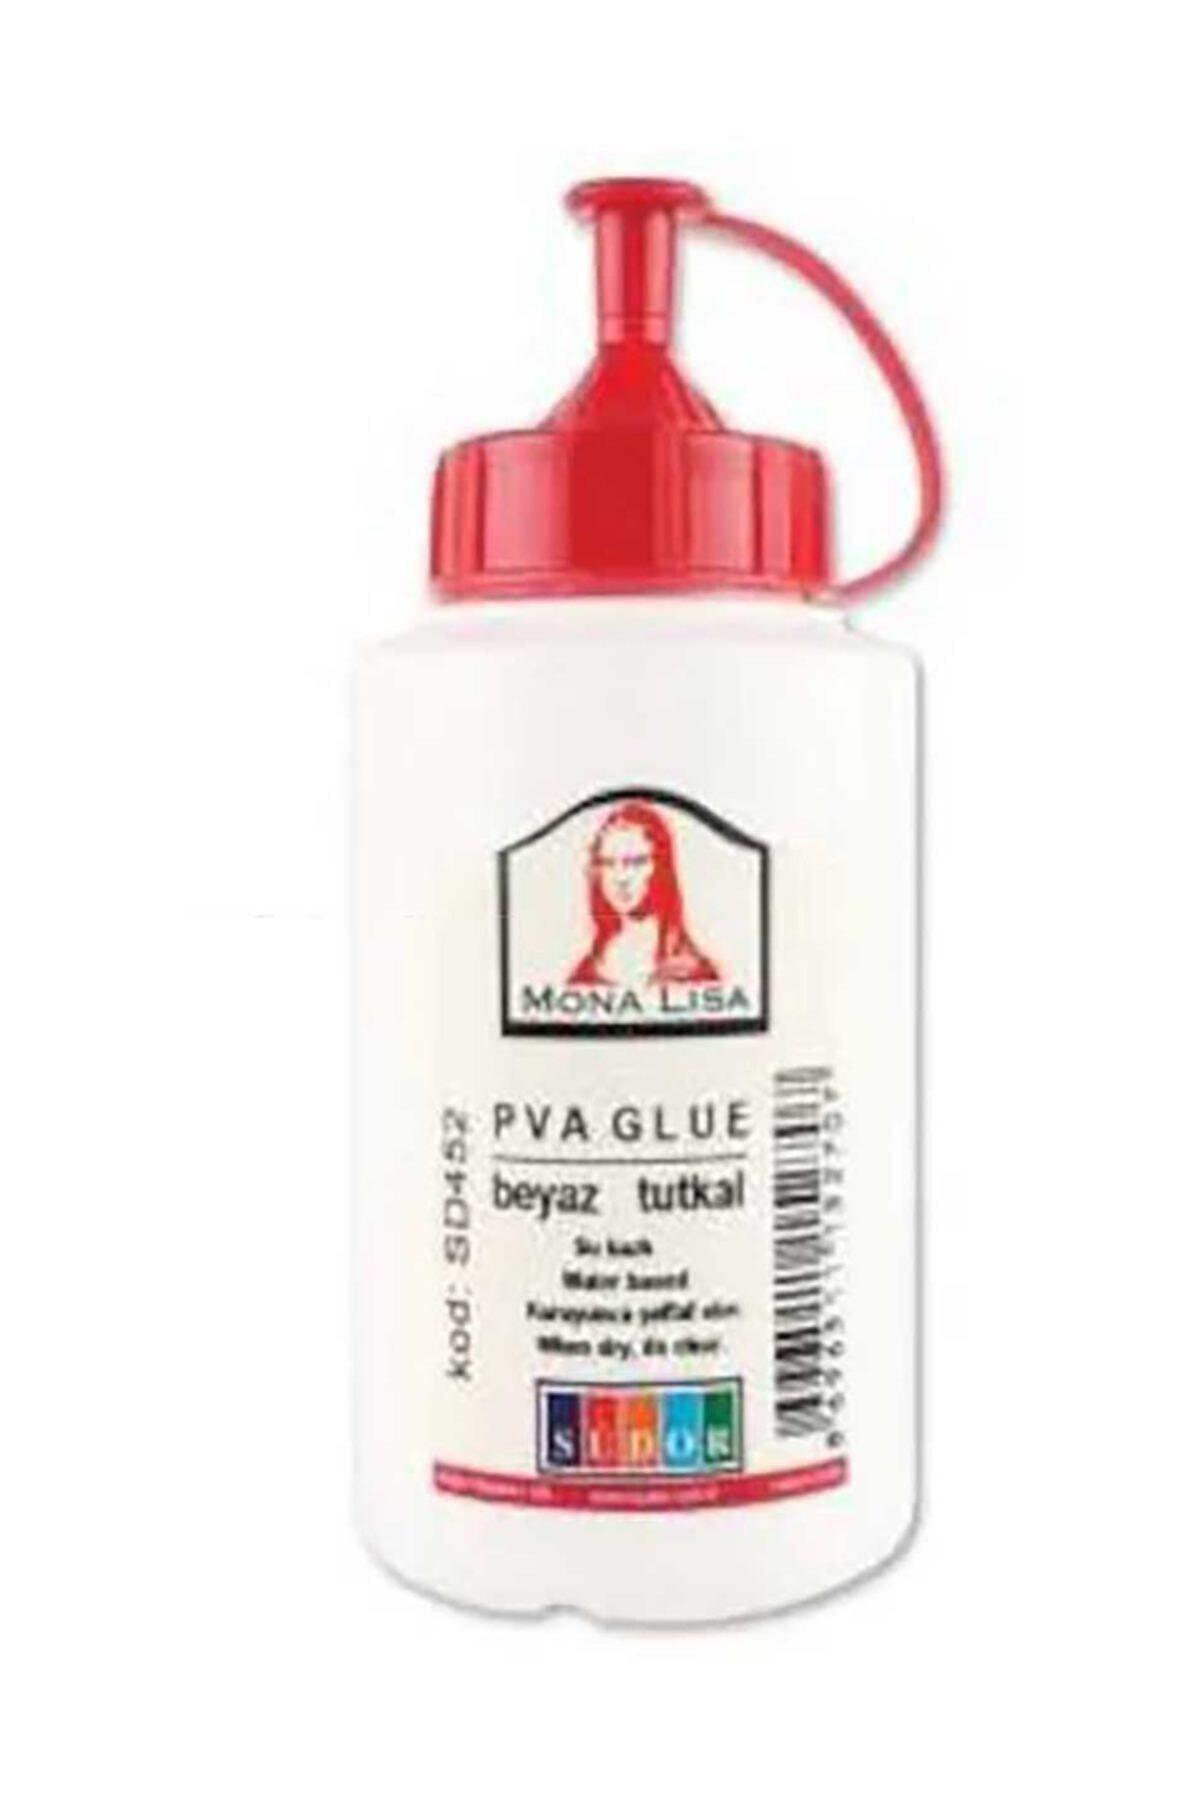 Monalisa Çok Amaçlı Beyaz Tutkal Yapıştırıcı 250 ml